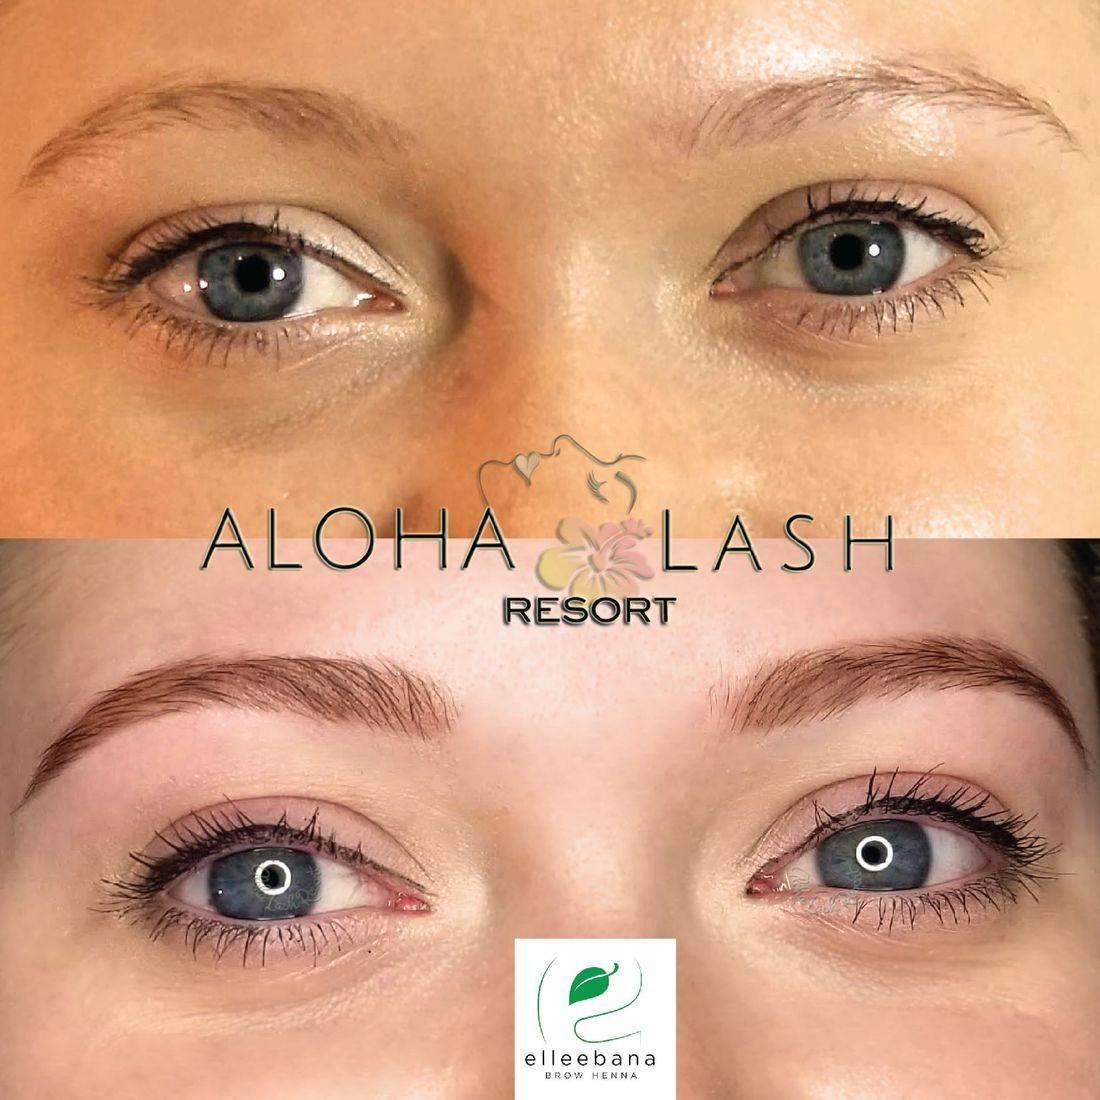 Ellleebana One Shot Lash Lift, yumi lashes, amazing lash studio, fleek, flirt, wedding, engagement, engage, eyelashes, eyelash extensions, xtreme lashes, my absolute beauty